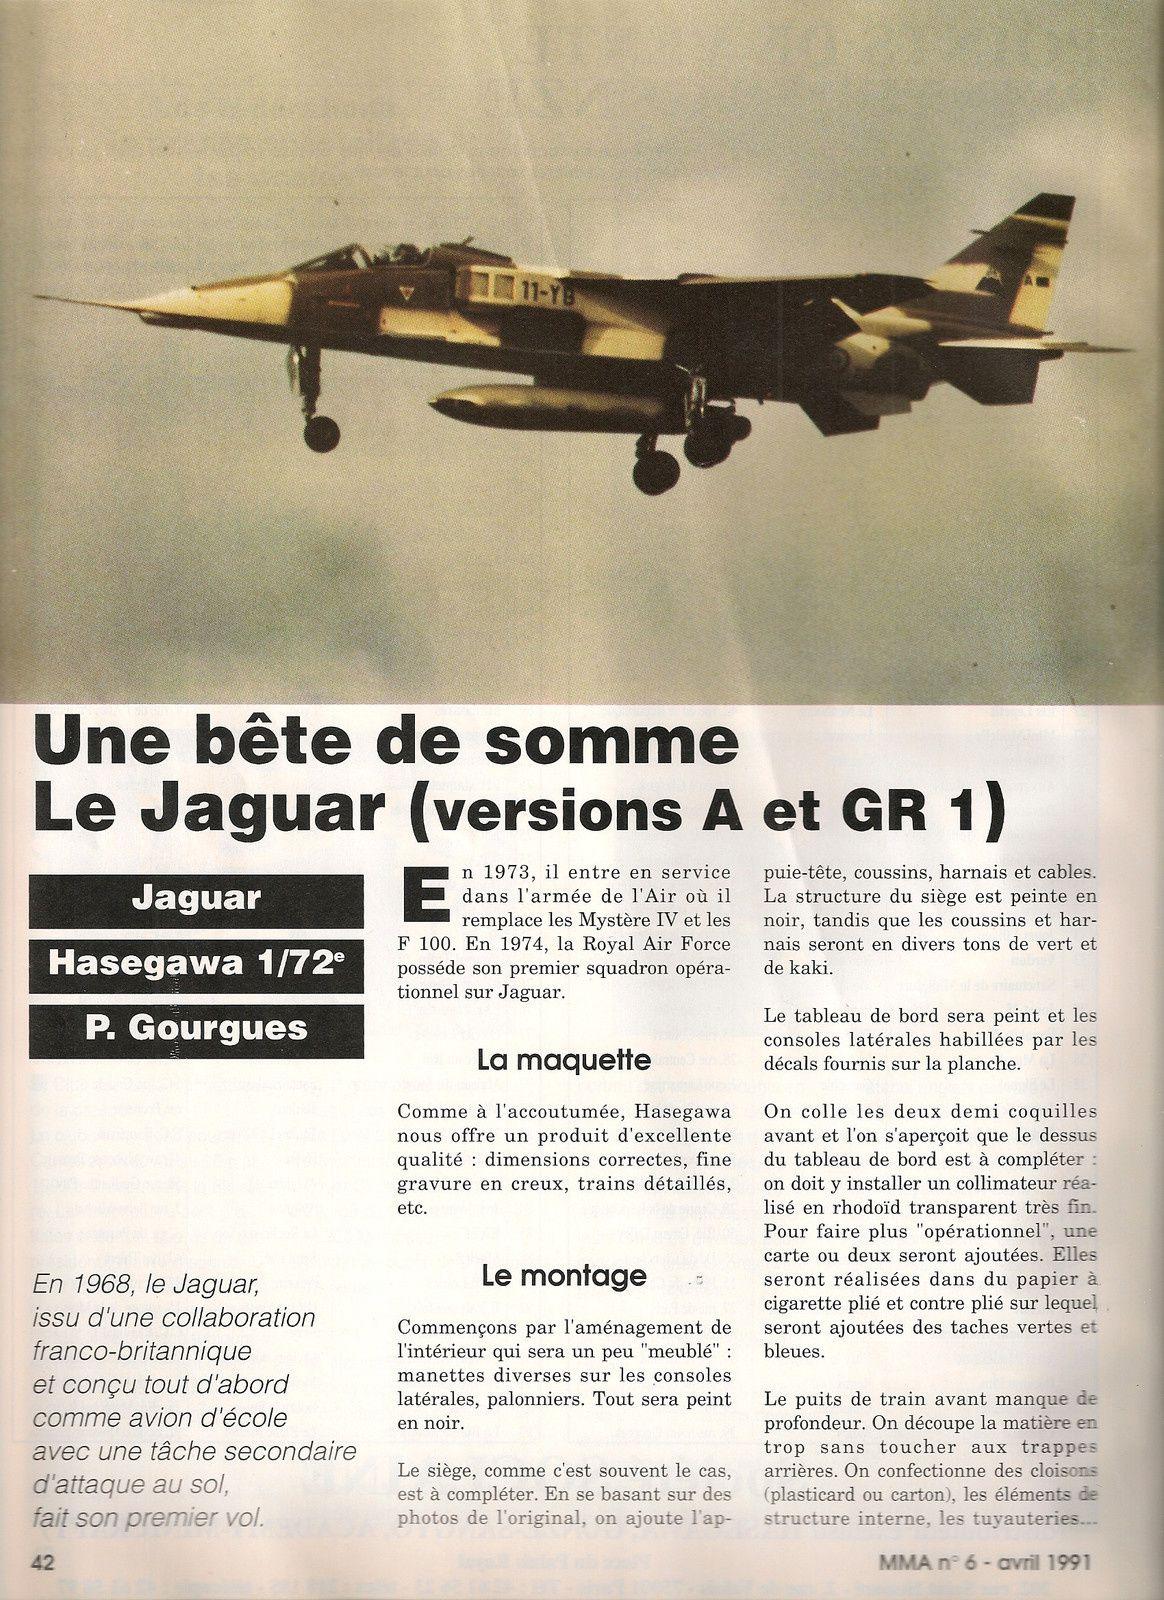 JAGUAR versions A et GR 1